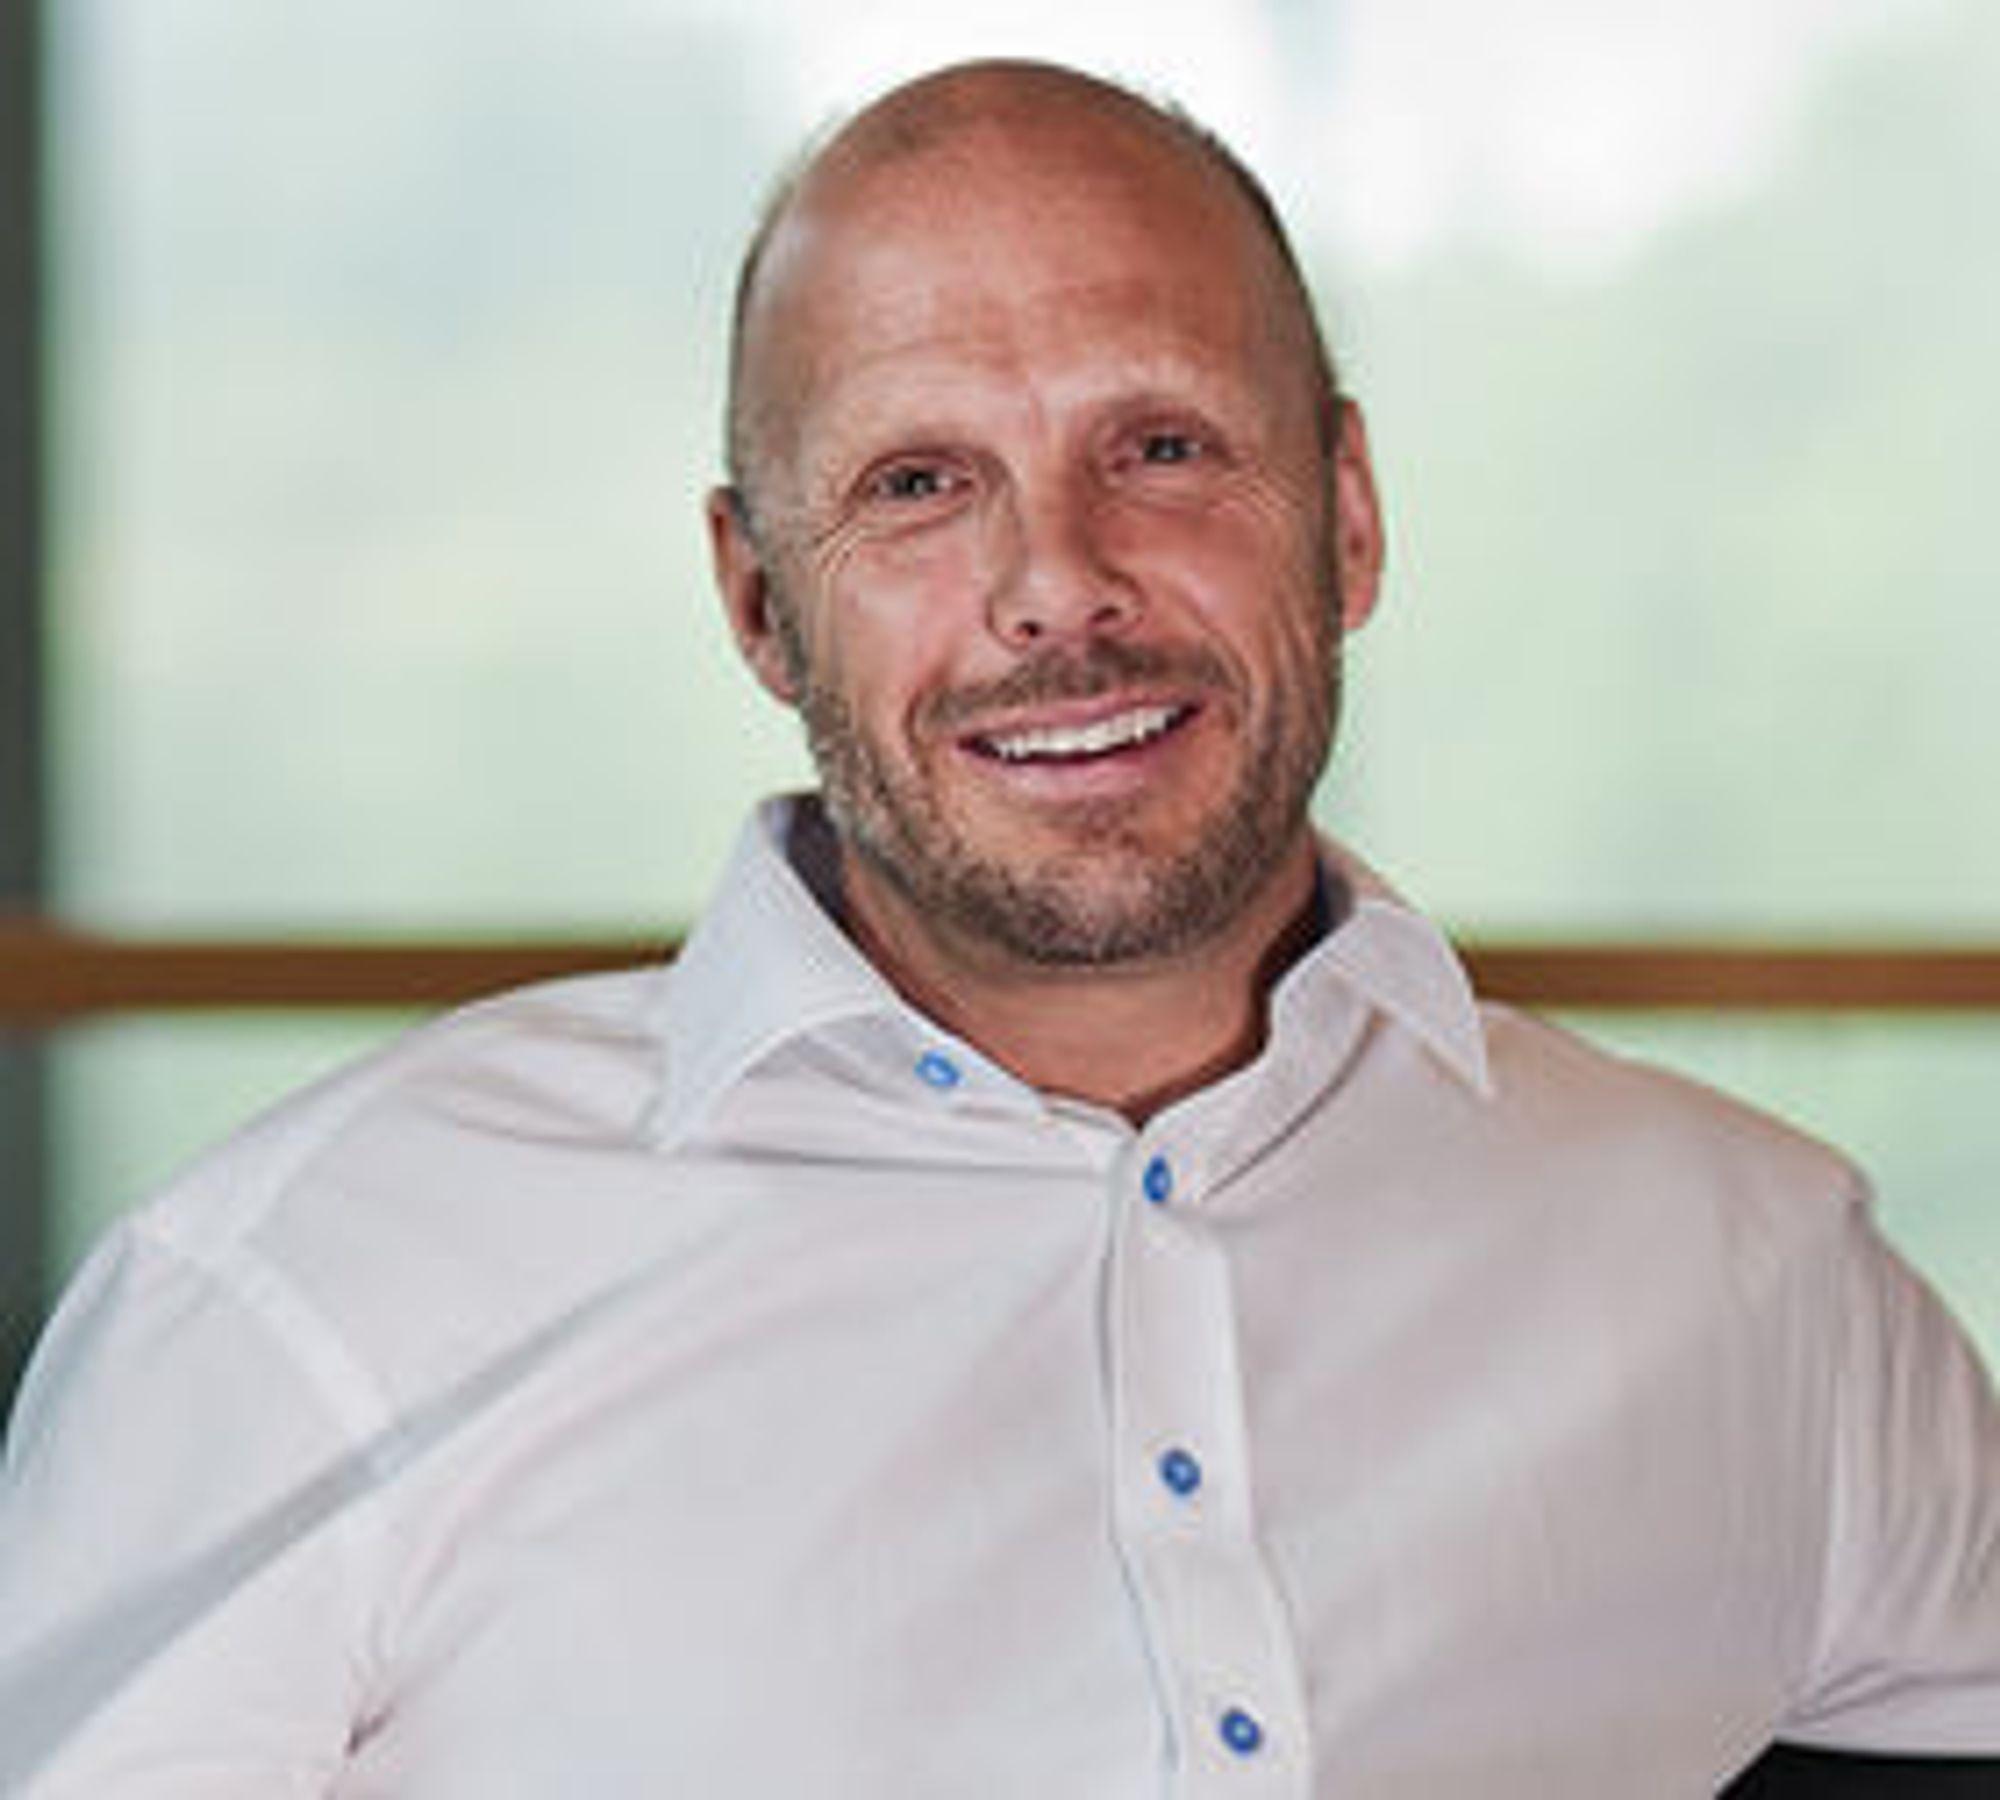 Bjørn Haugland, daglig leder i Symphonical, har fått napp hos en virkelig storkunde.